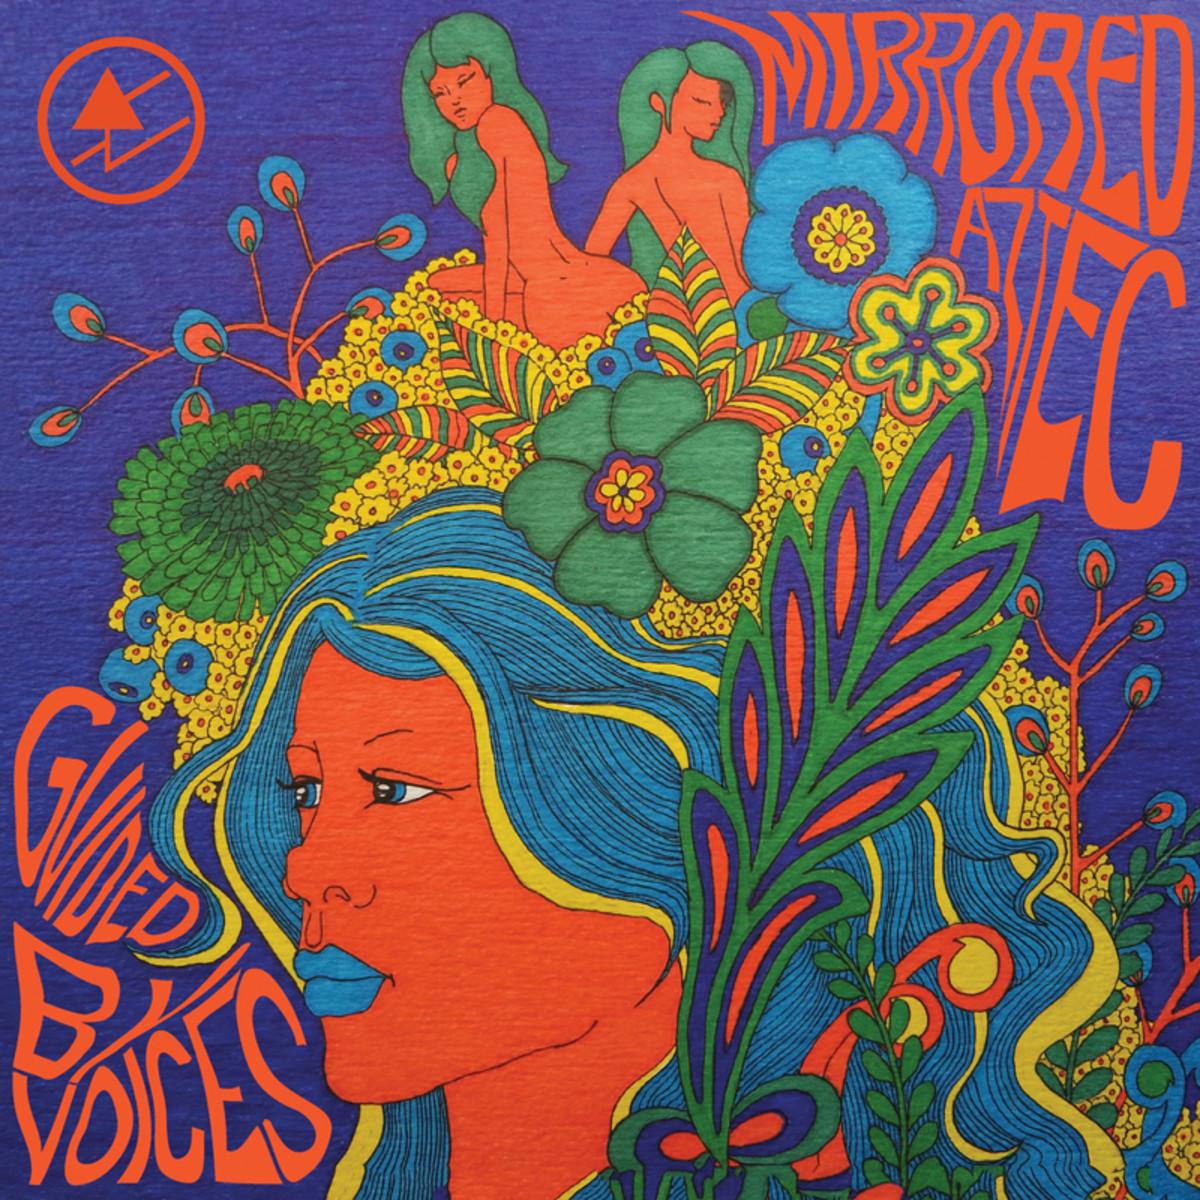 Mirrored Aztec_Album Art lores